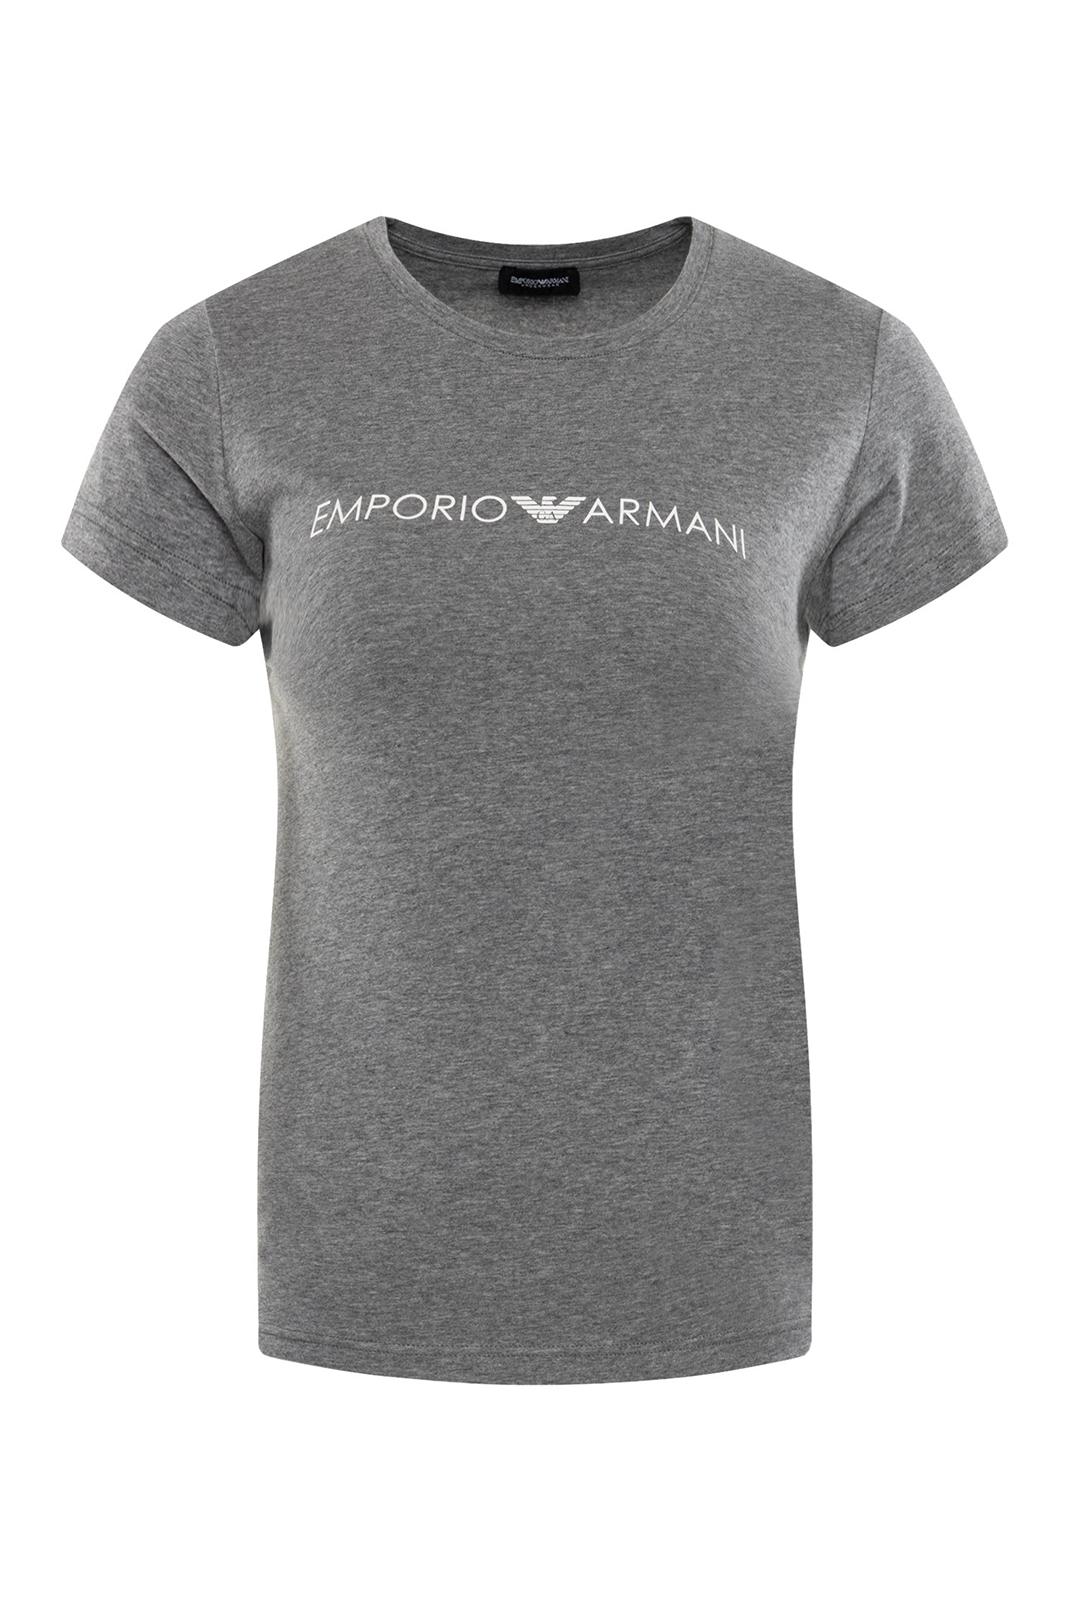 Tee shirt  Emporio armani 163139 9A317 06749 GRIS